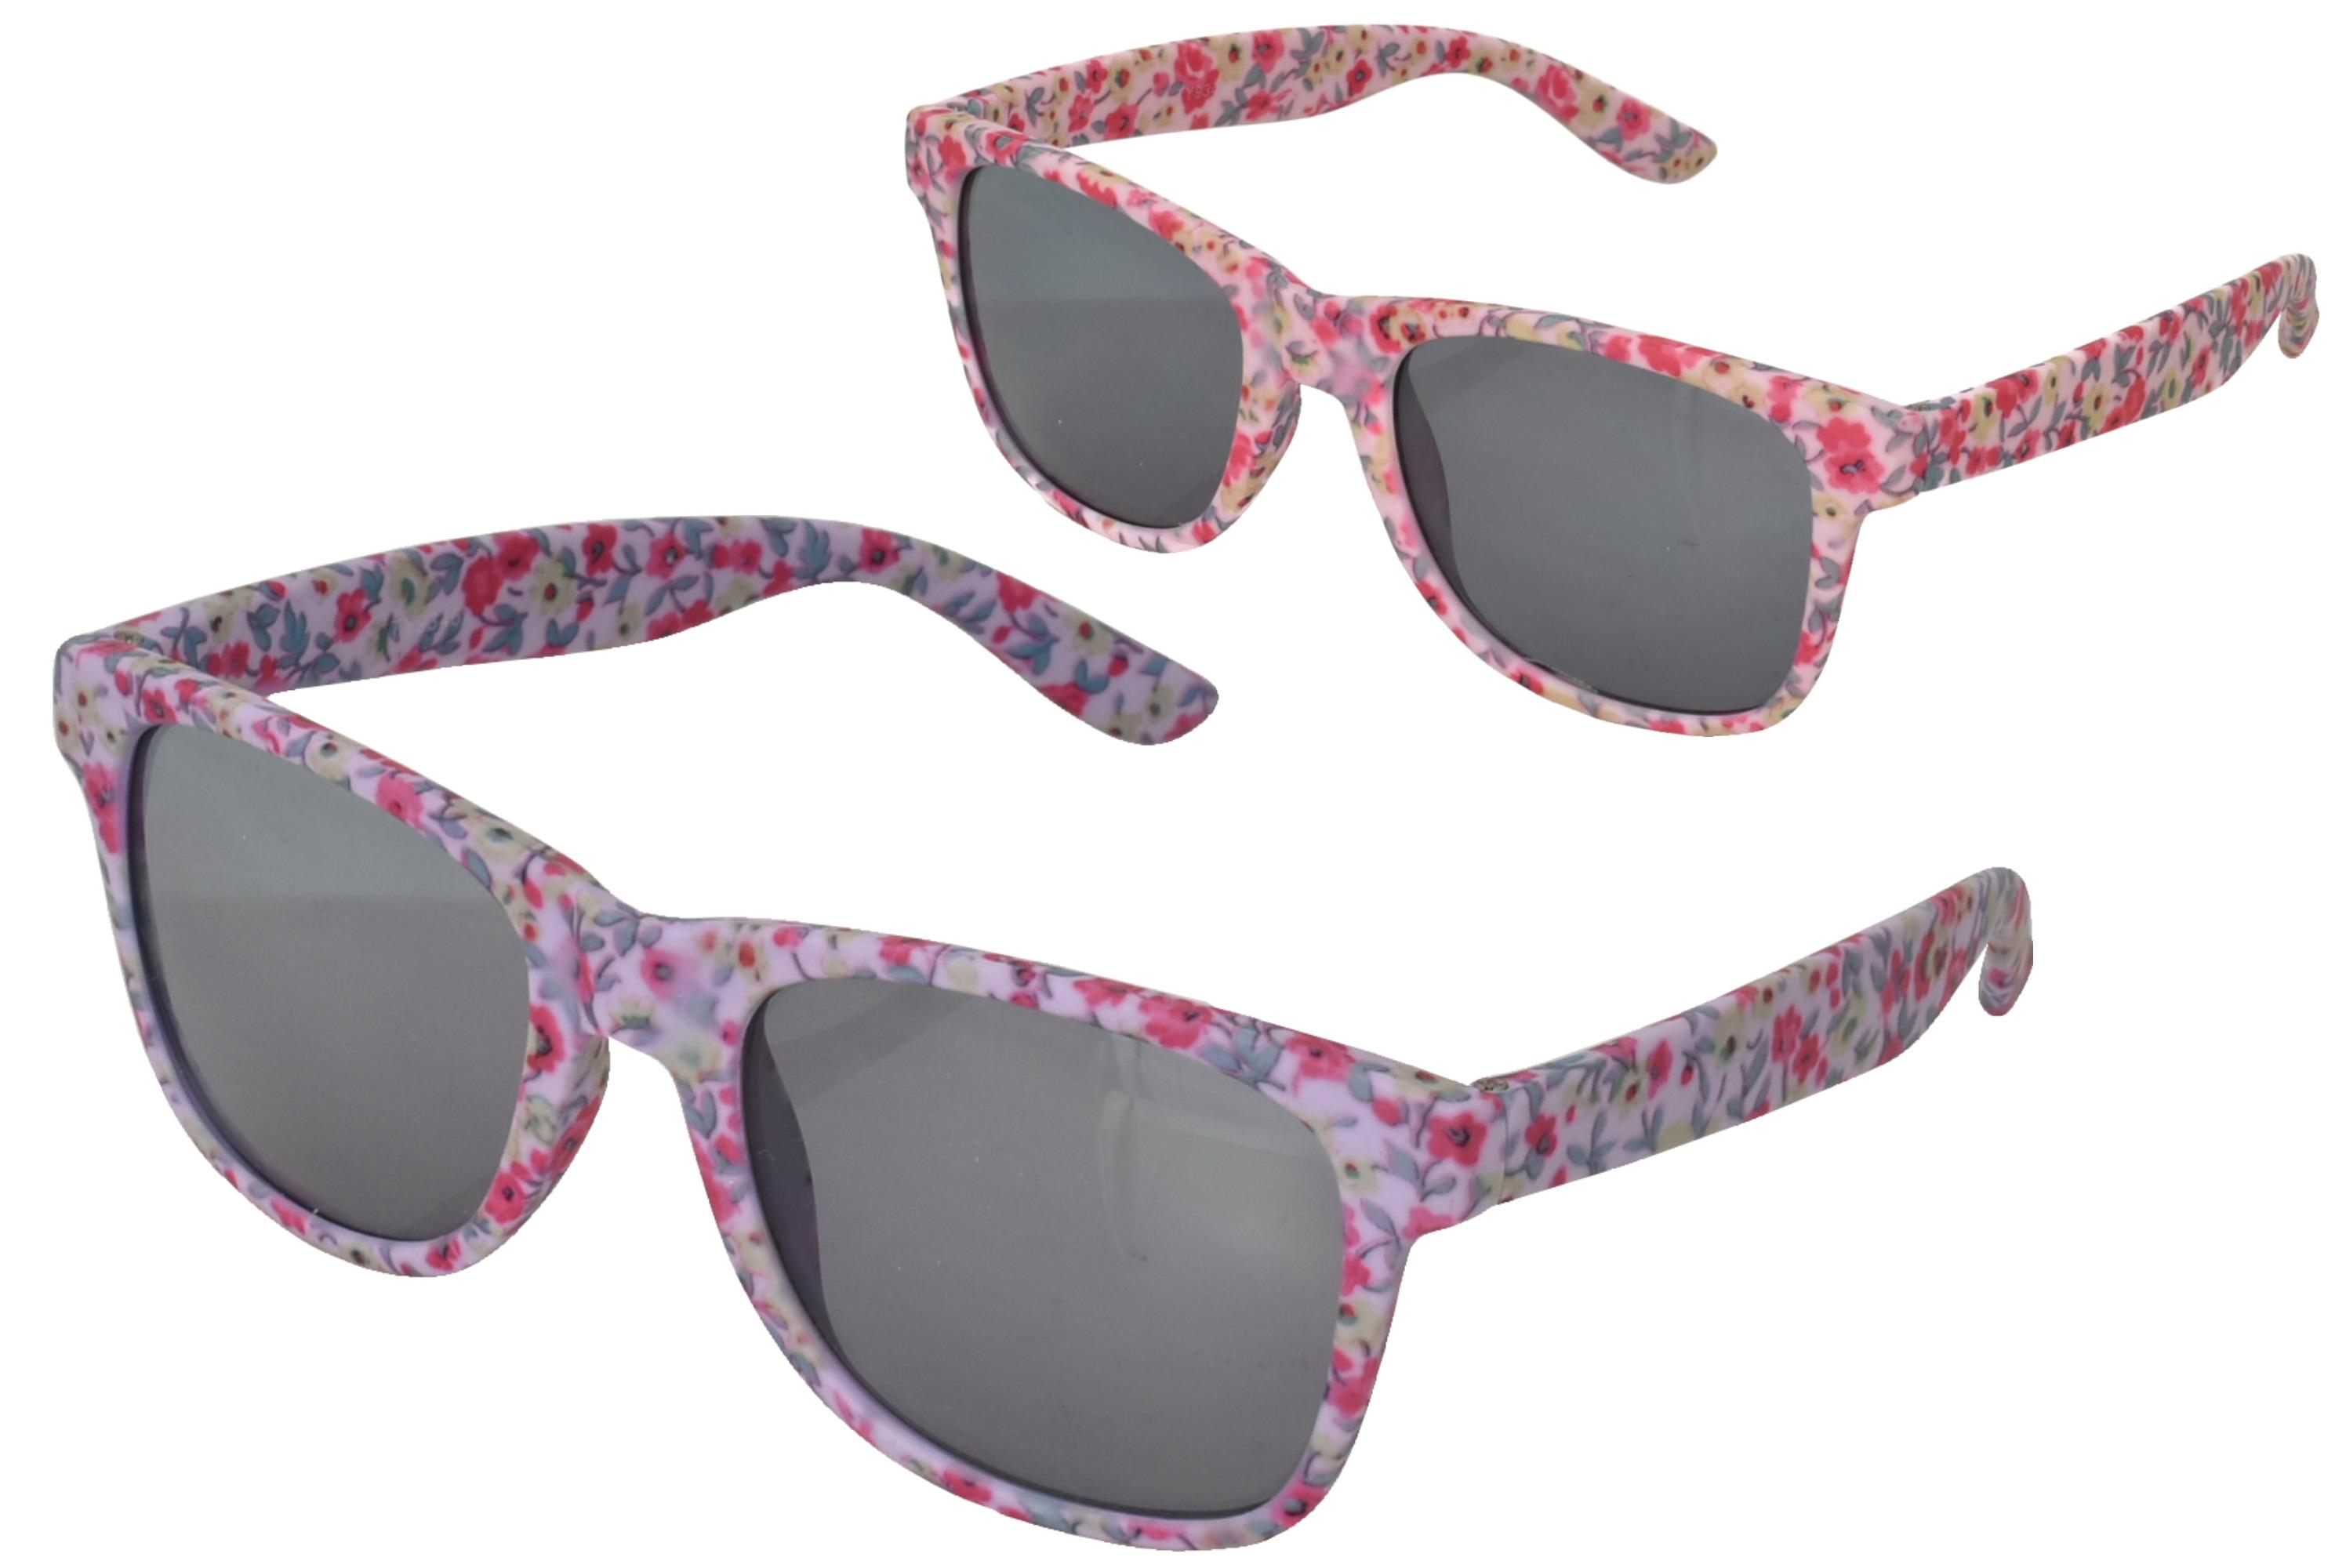 Girls Plastic Flower Print Wayfarer Sunglasses - 2 Asst